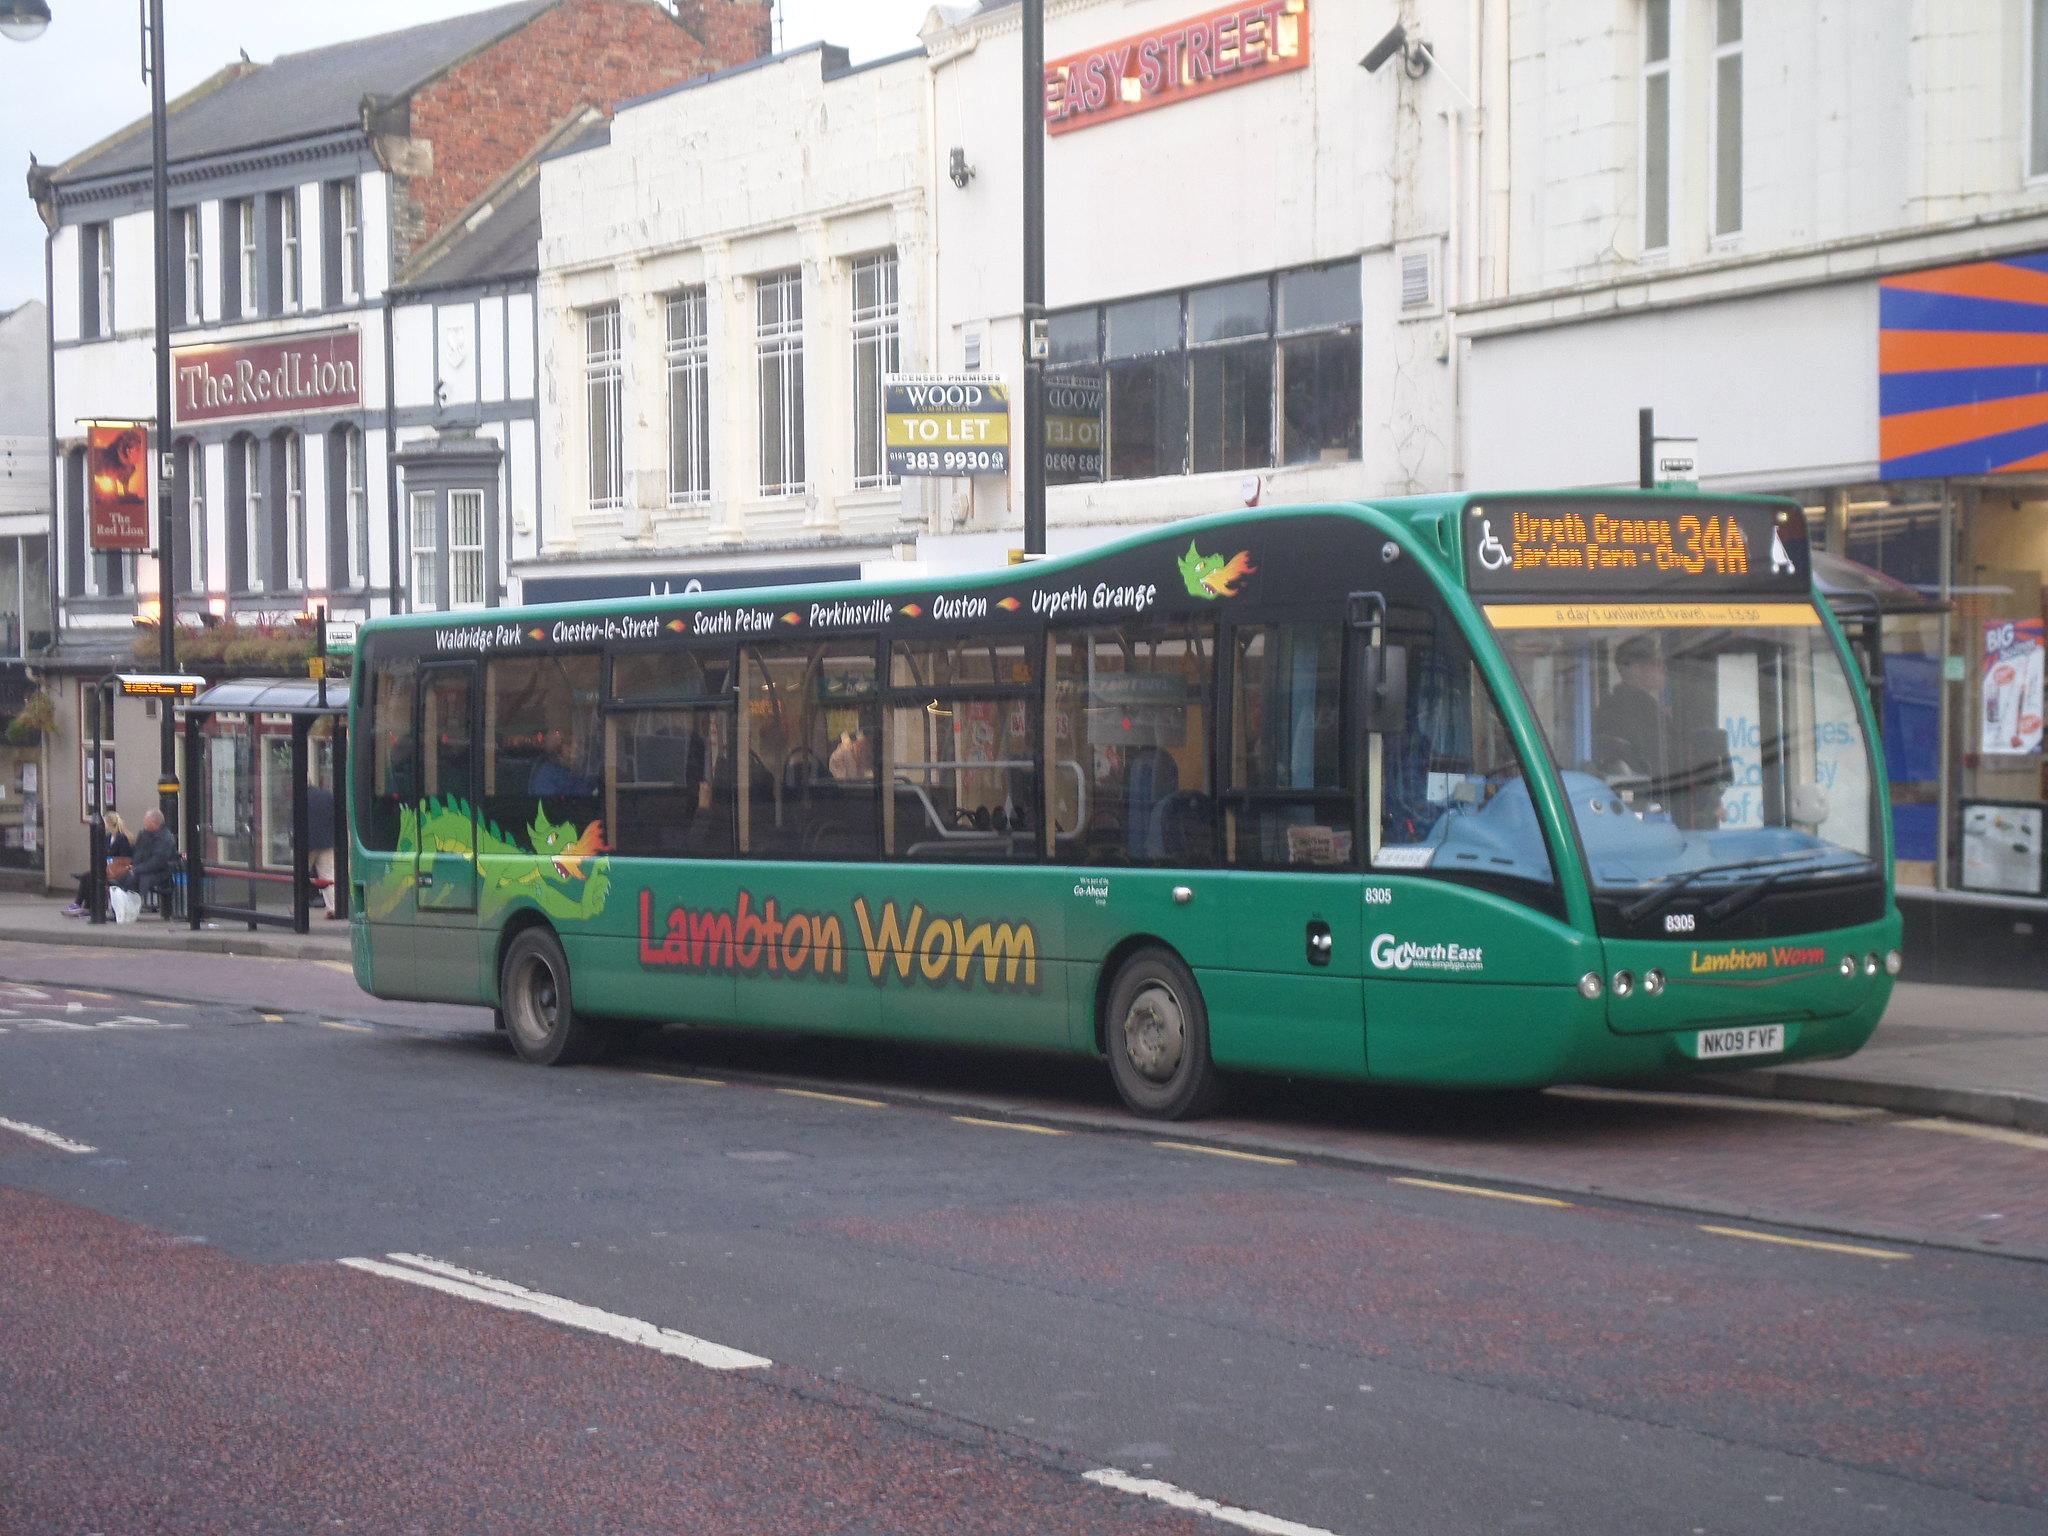 #AYearOfBuses 334: Lambton Worm